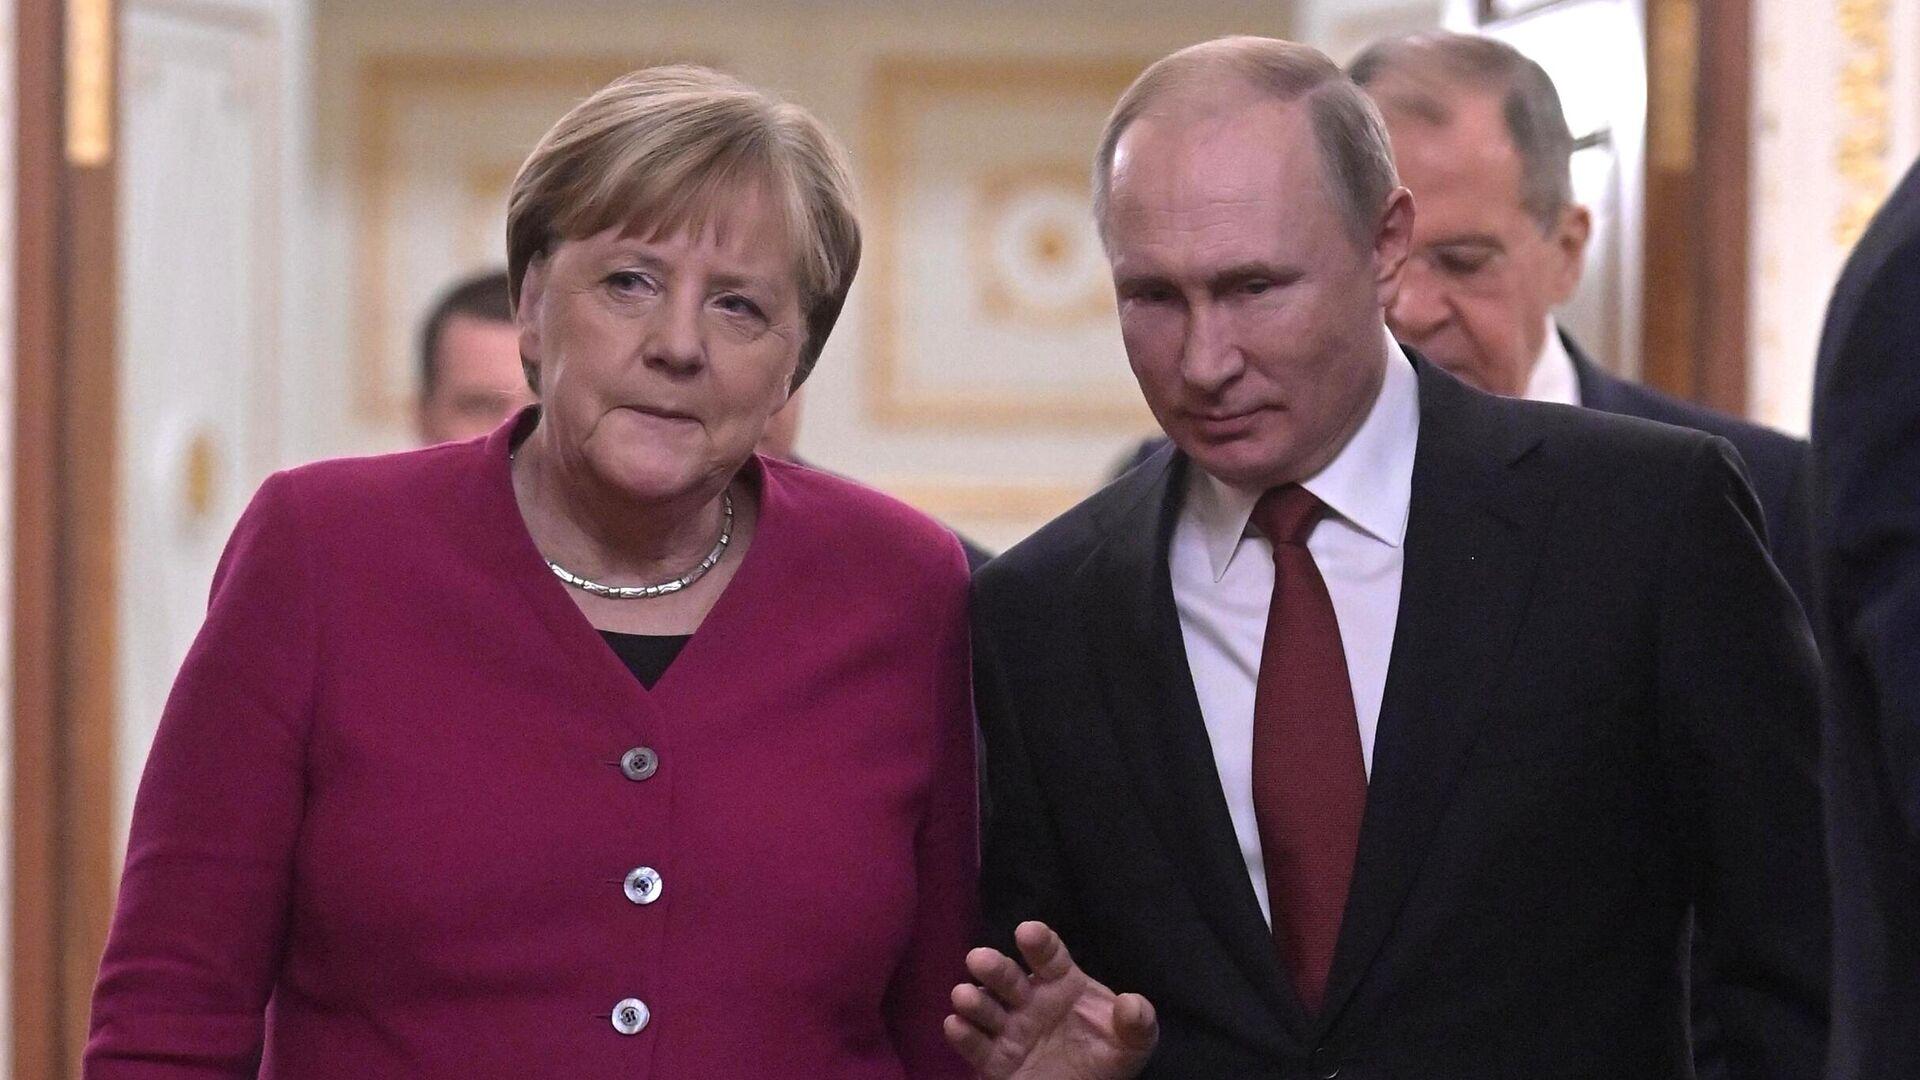 Президент РФ Владимир Путин и федеральный канцлер Германии Ангела Меркель перед совместной пресс-конференцией по итогам встречи - РИА Новости, 1920, 07.12.2020